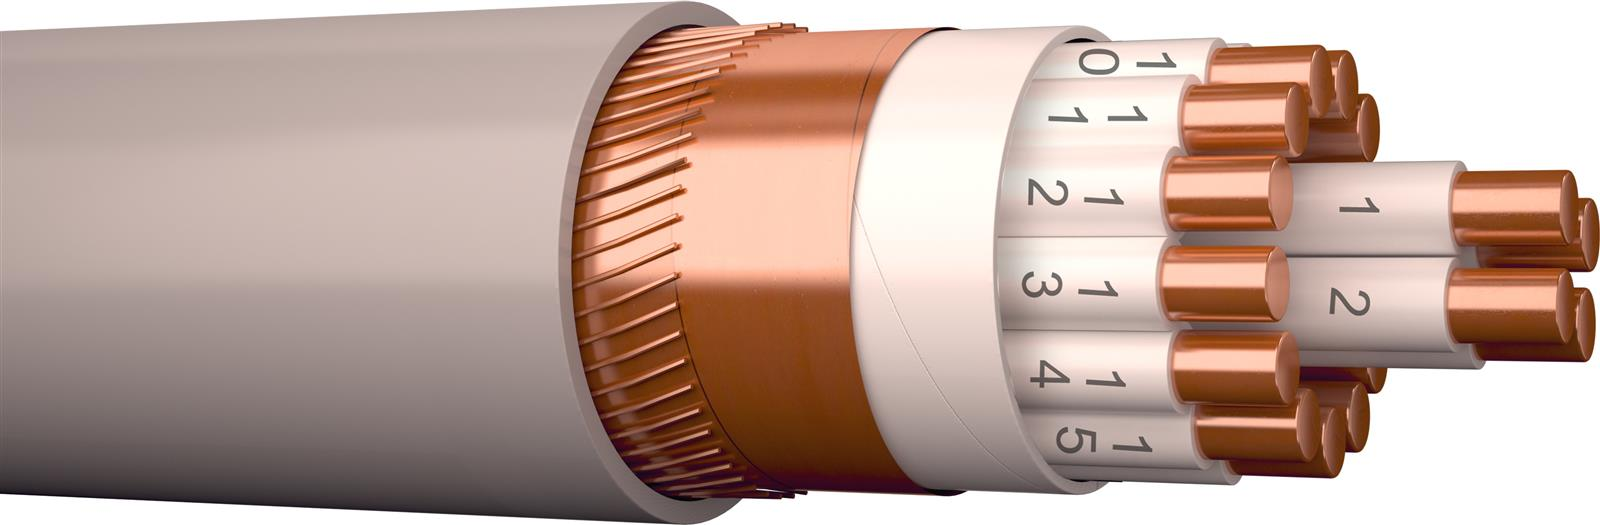 EQFR-EMC PURE 7X1,5 T500